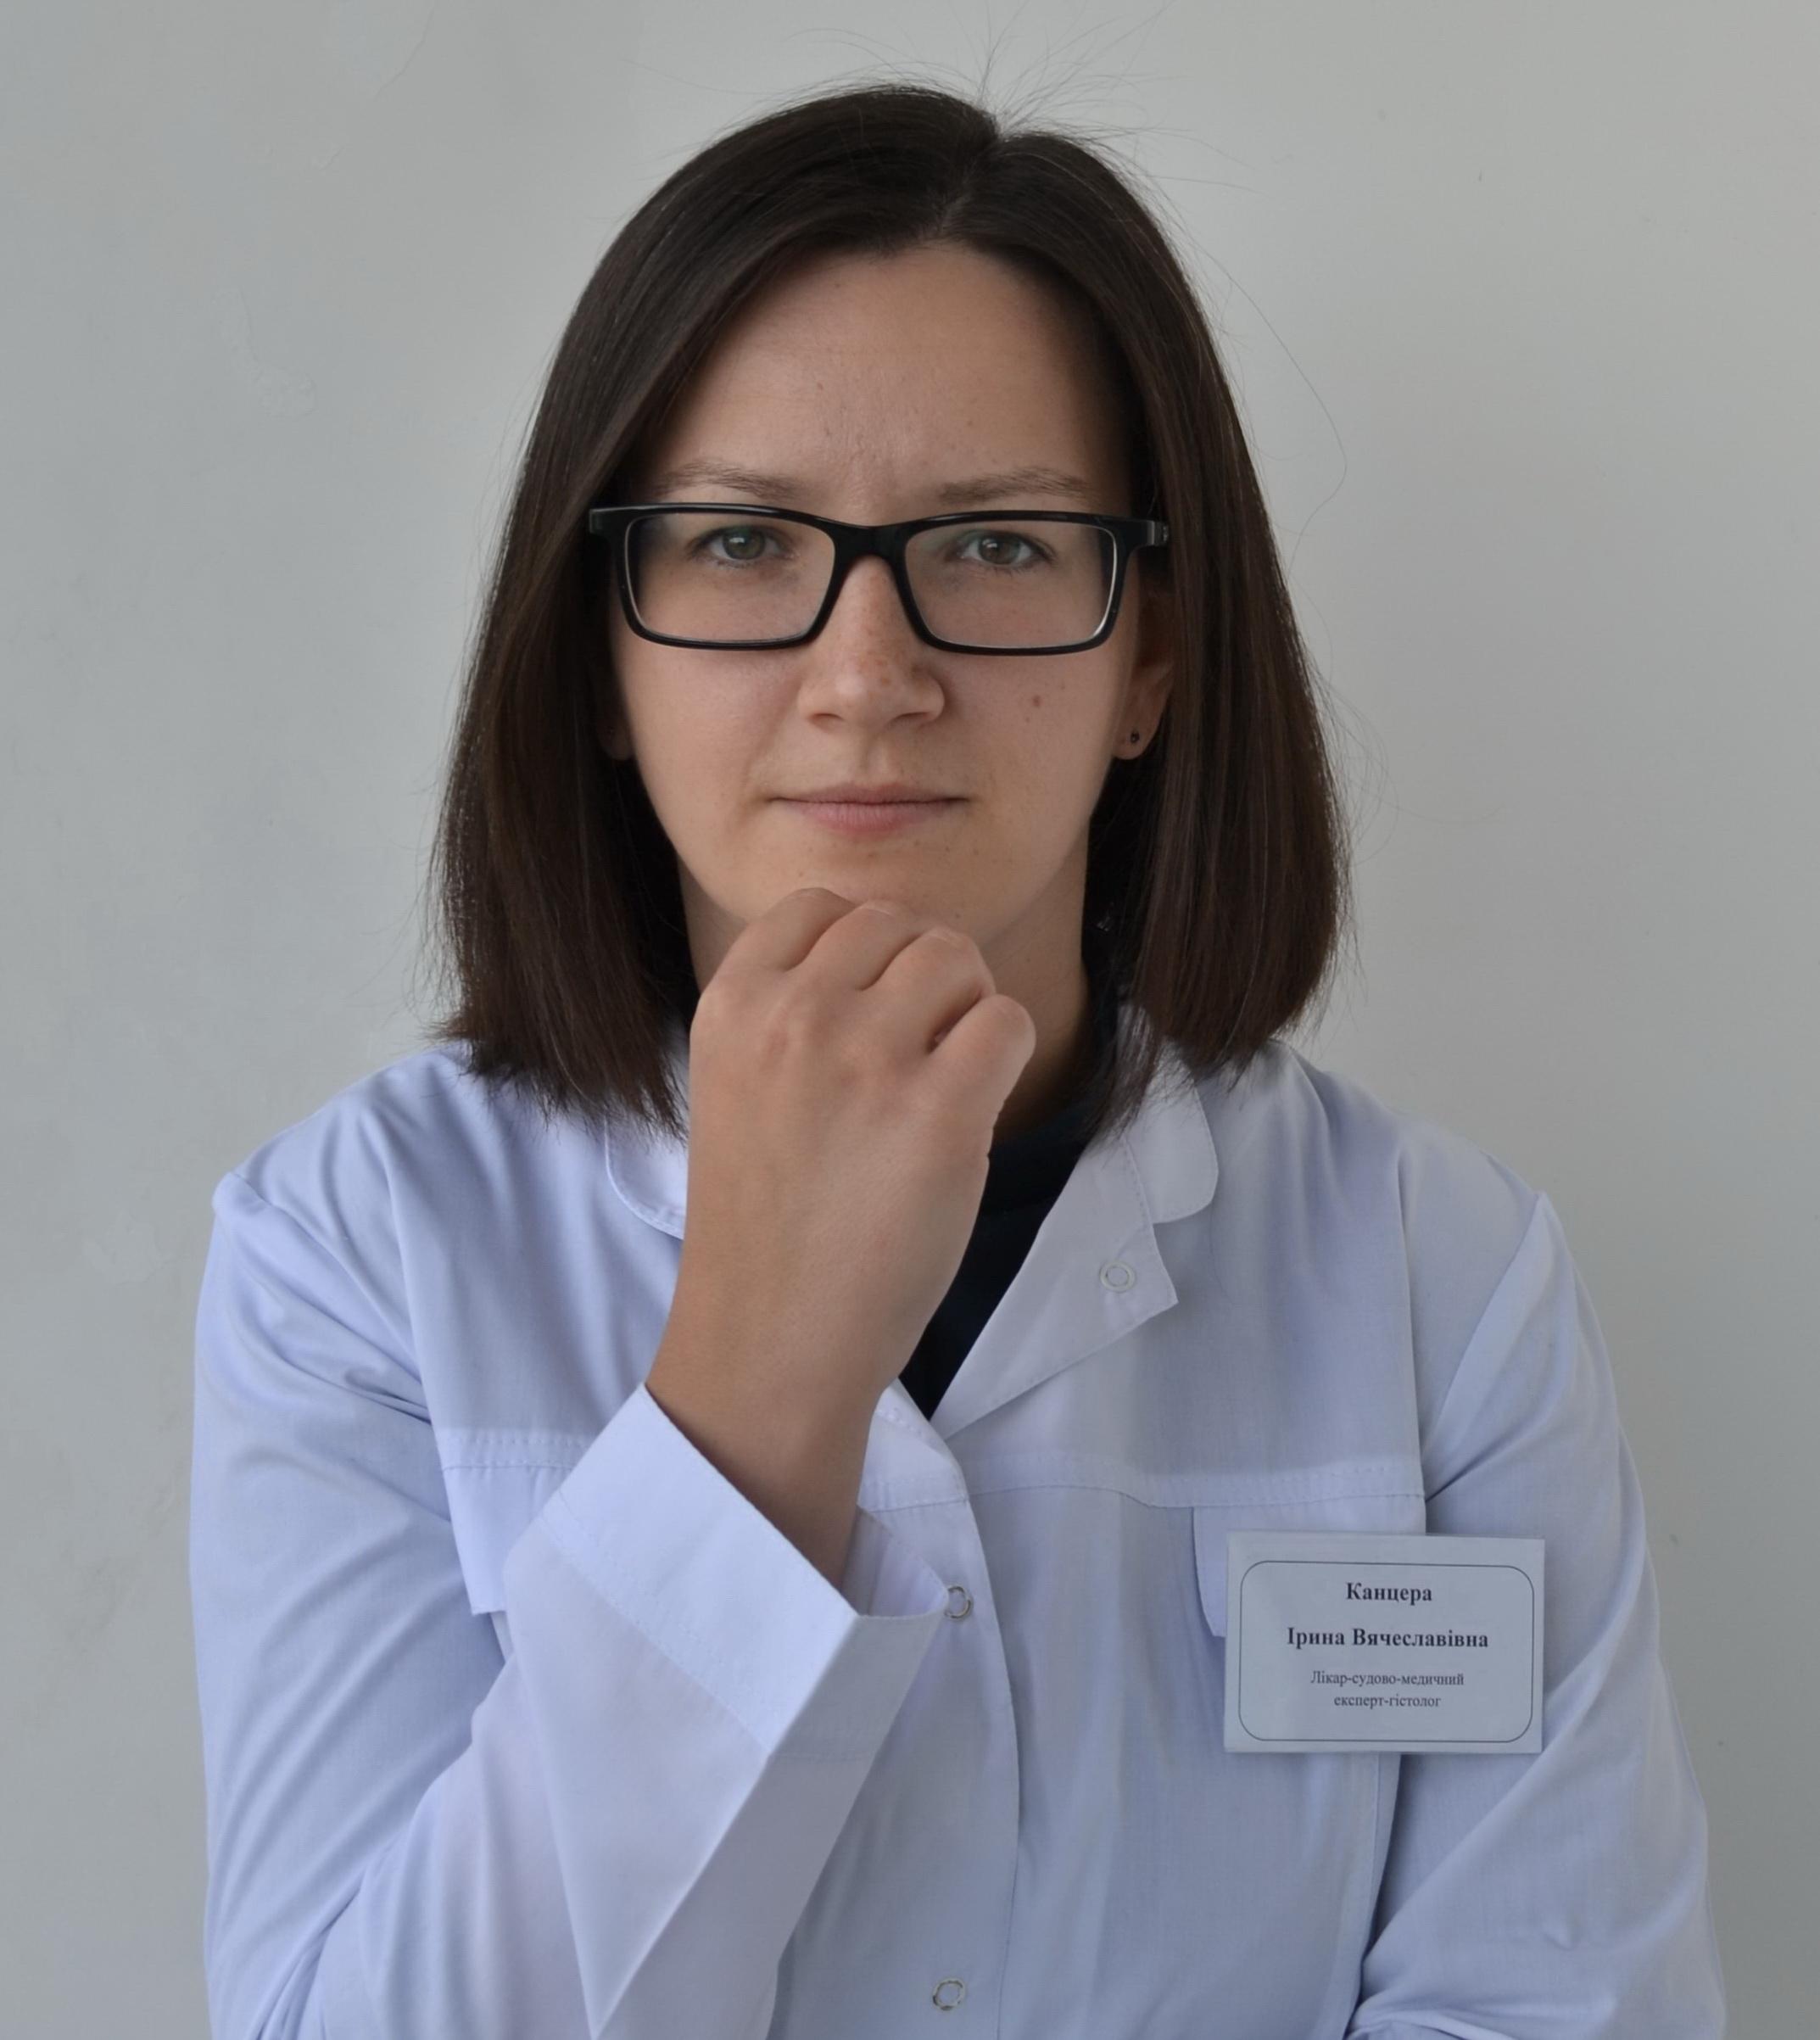 И. Канцера